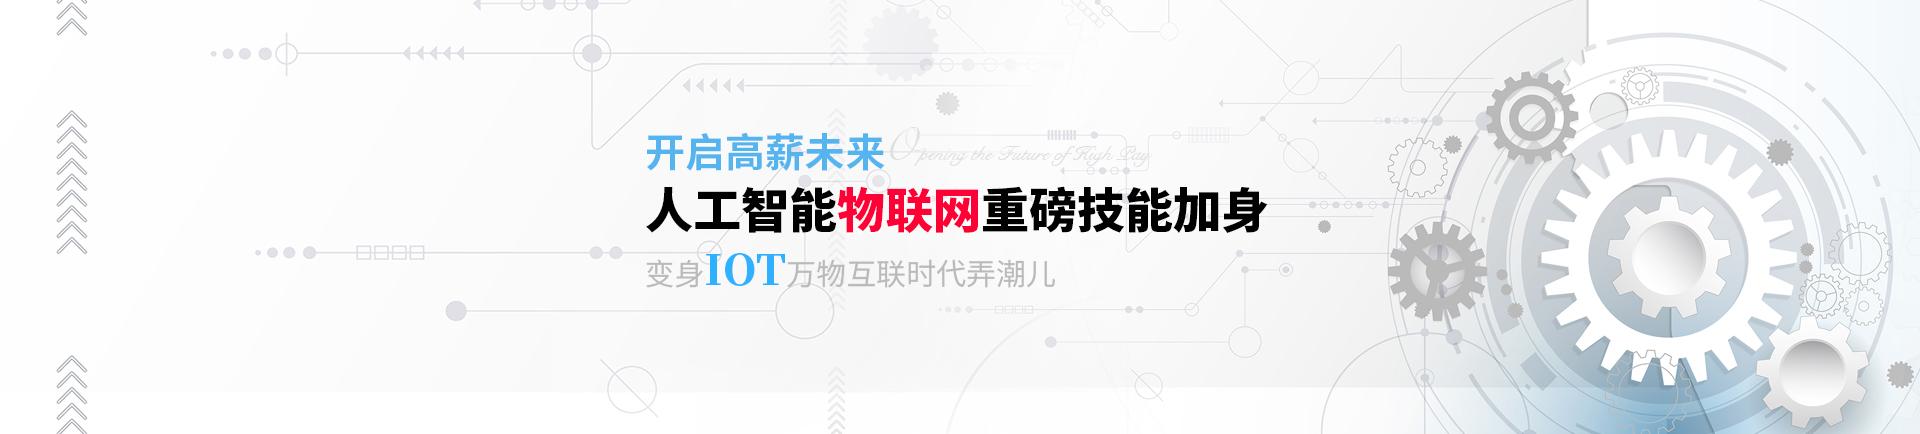 人工智能物�网�磅技能加身 �身IOT万物互�时代弄潮儿-zhengzhou